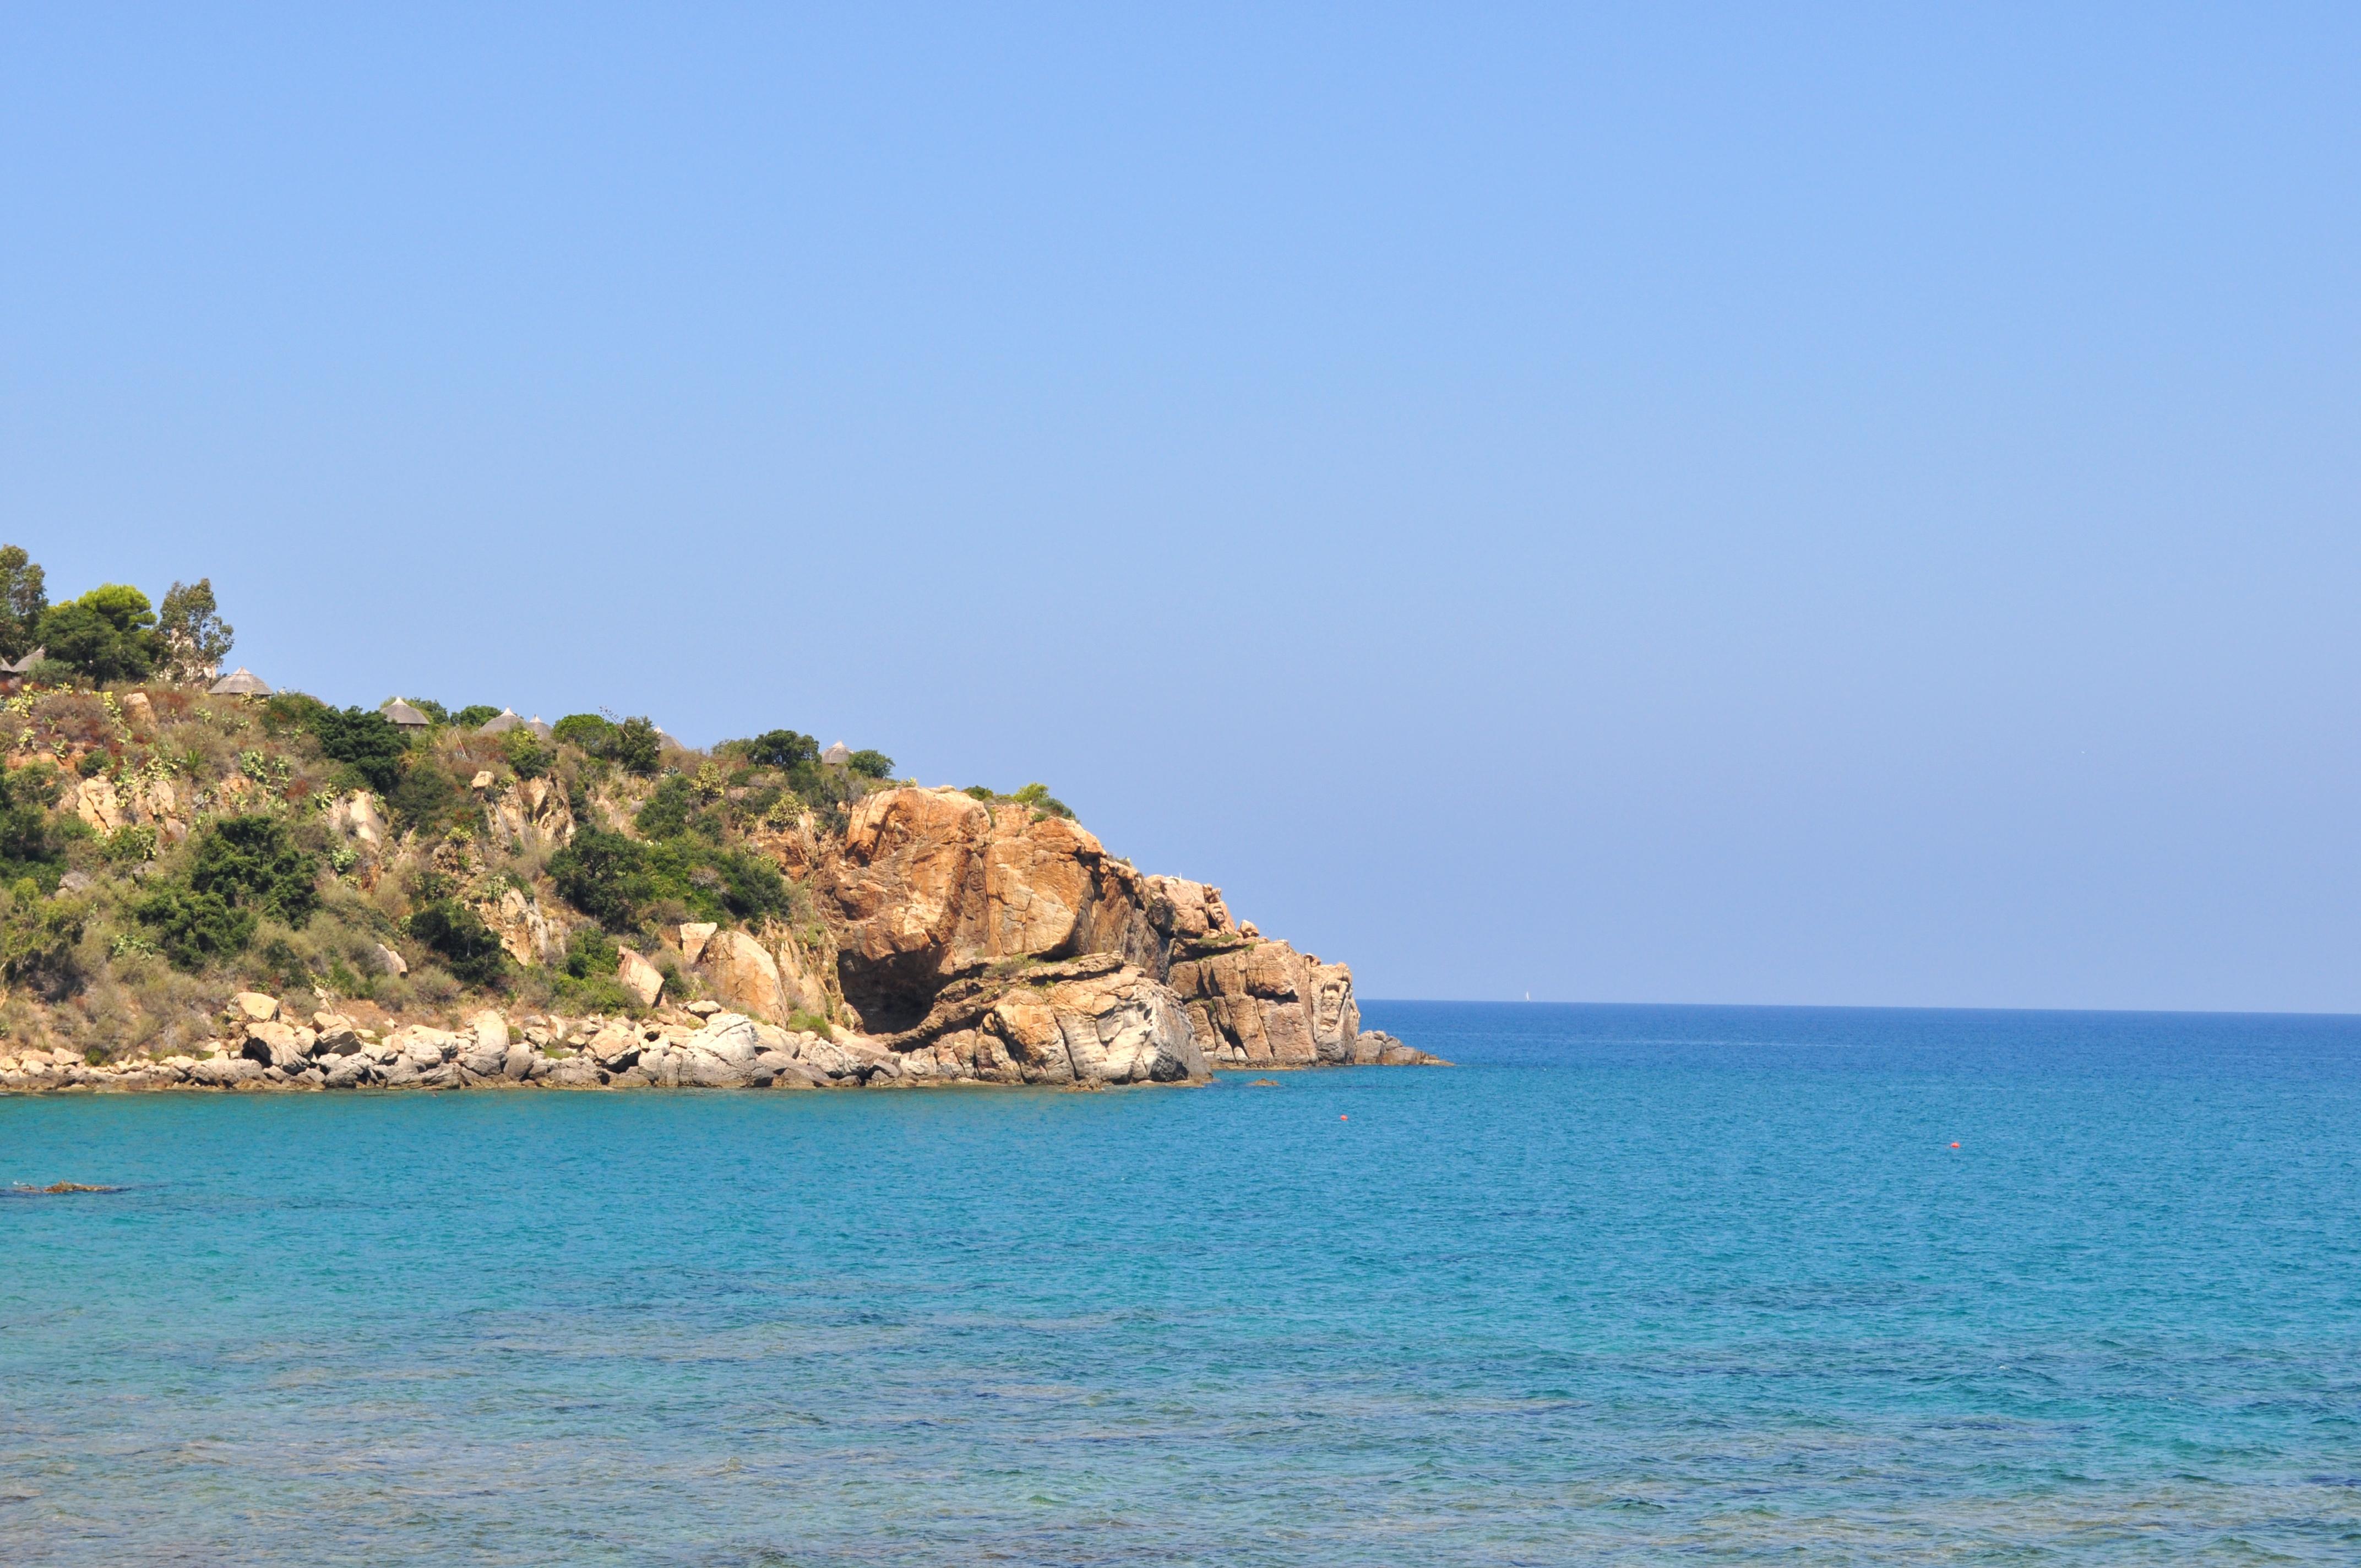 Costa di Cefalù